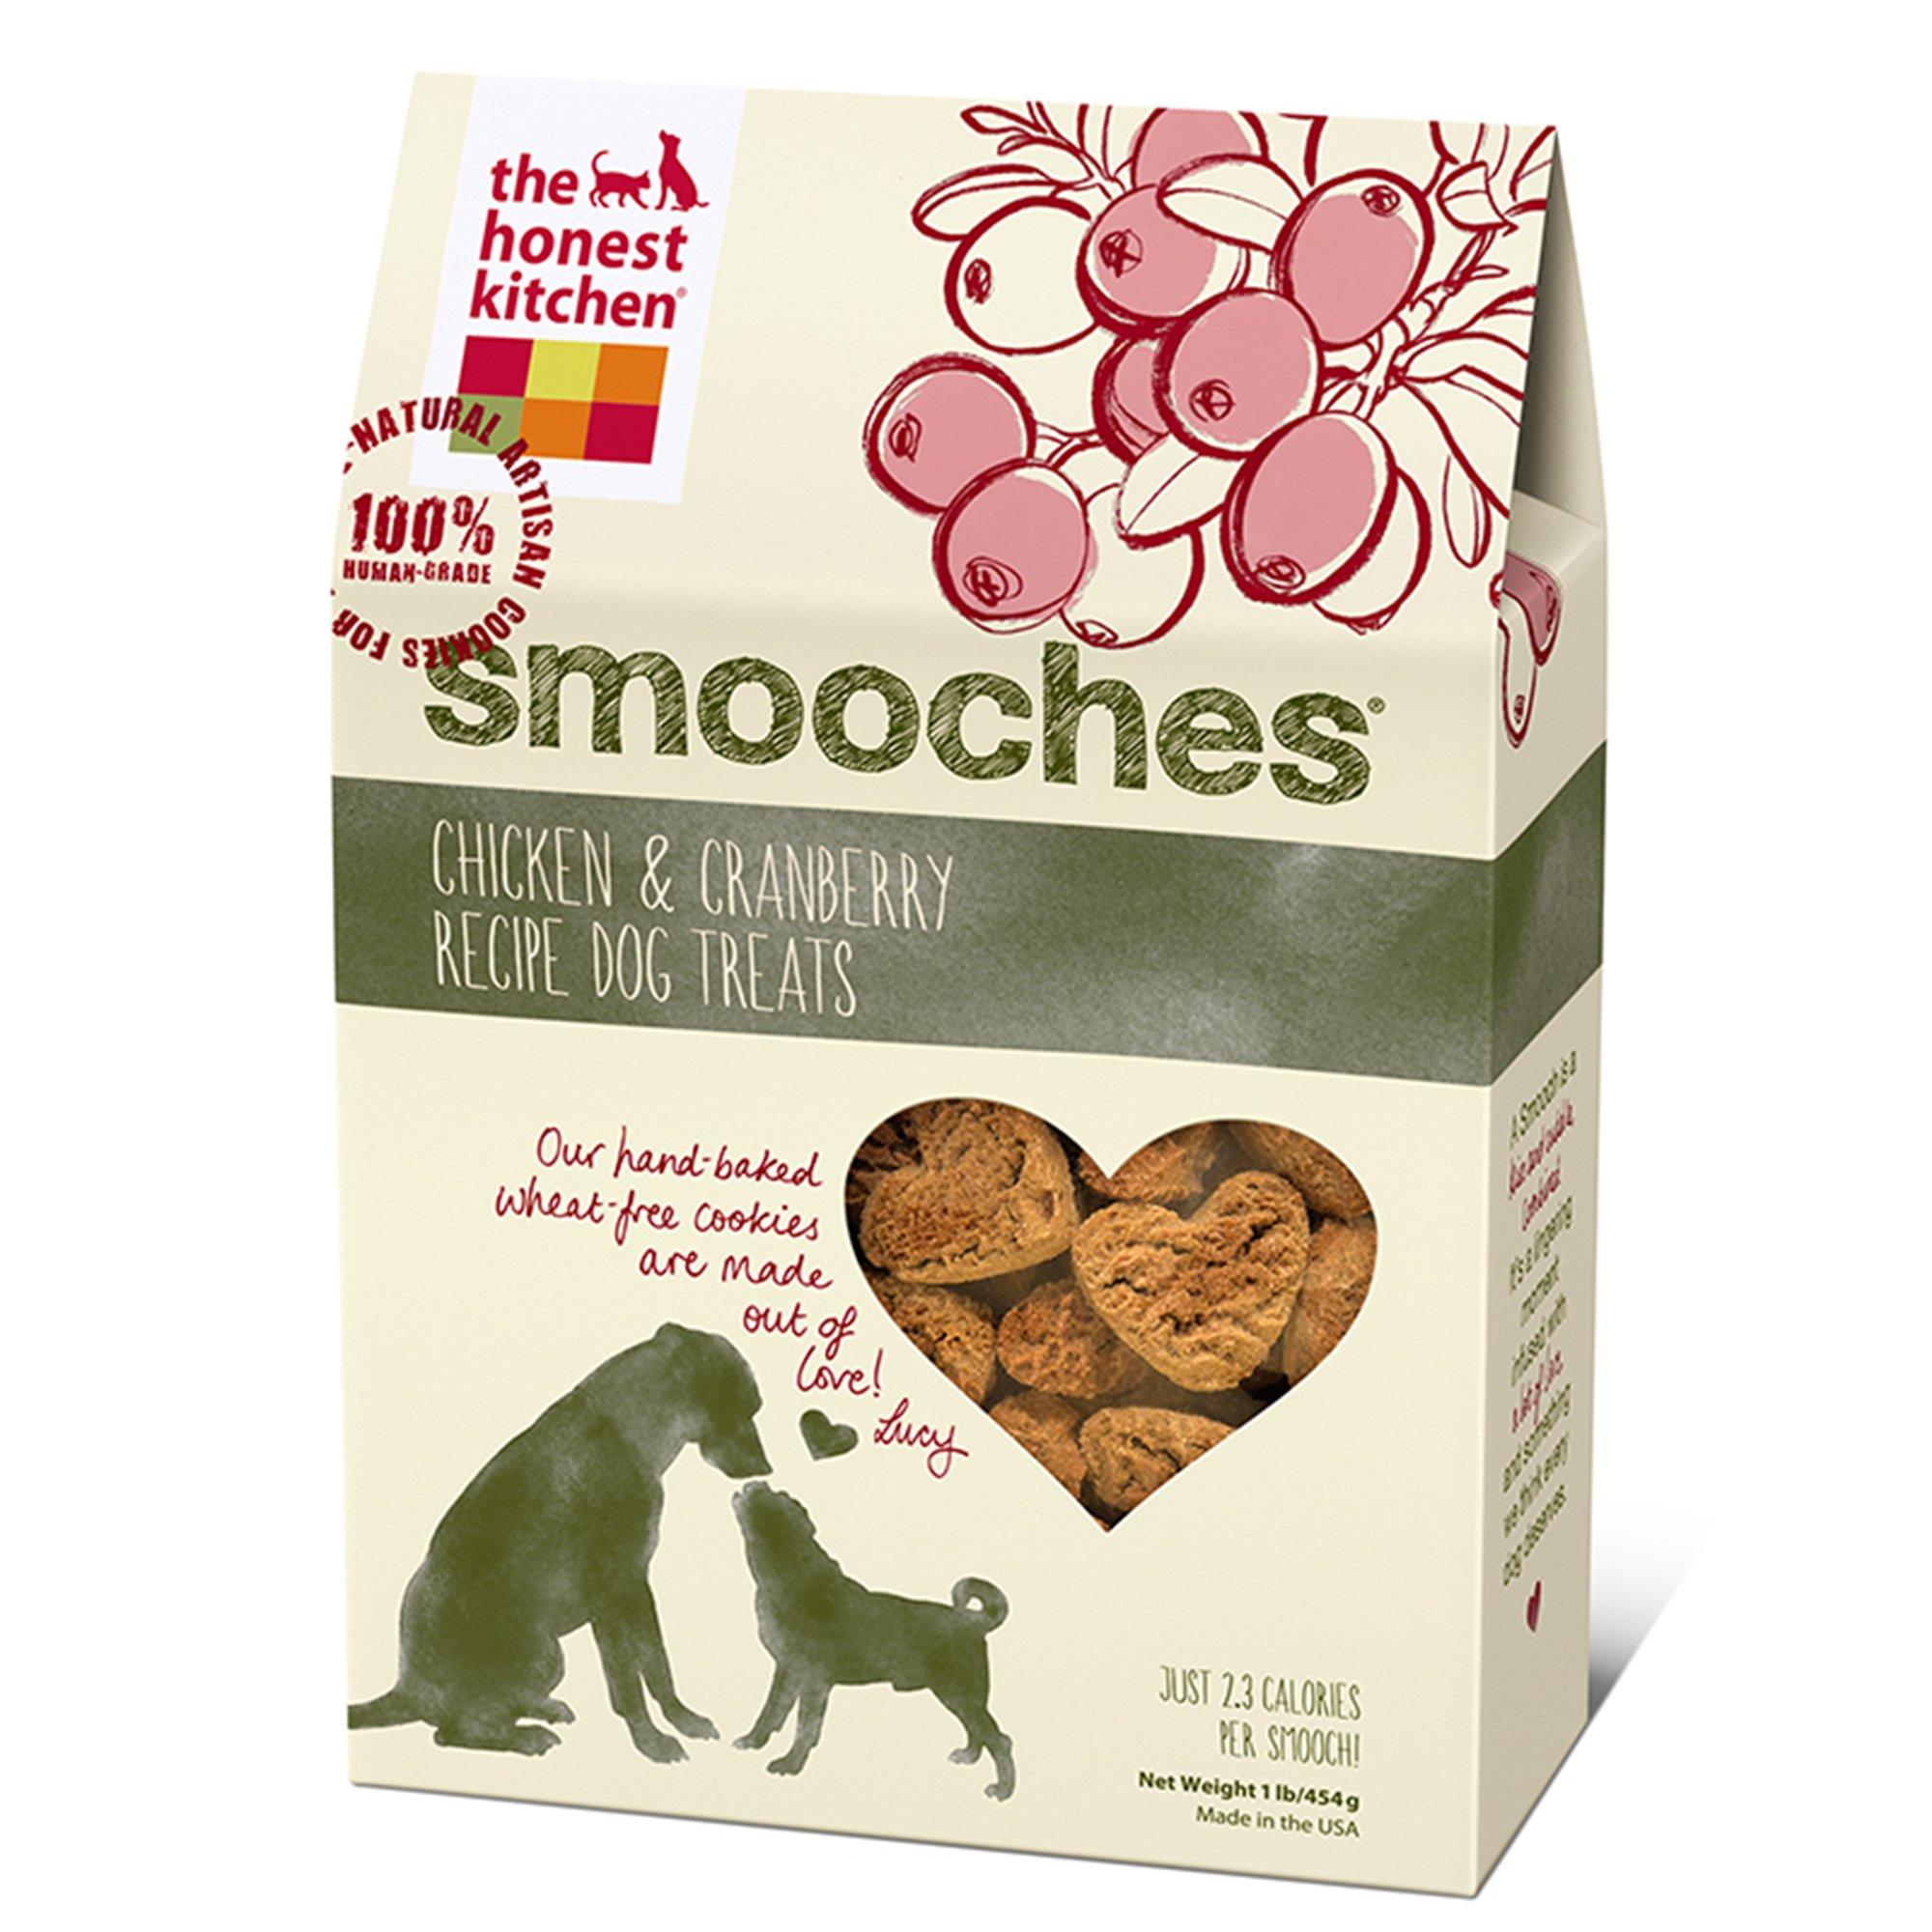 The Honest Kitchen Smooches Chicken & Cranberry Recipe Dog Treats 12z